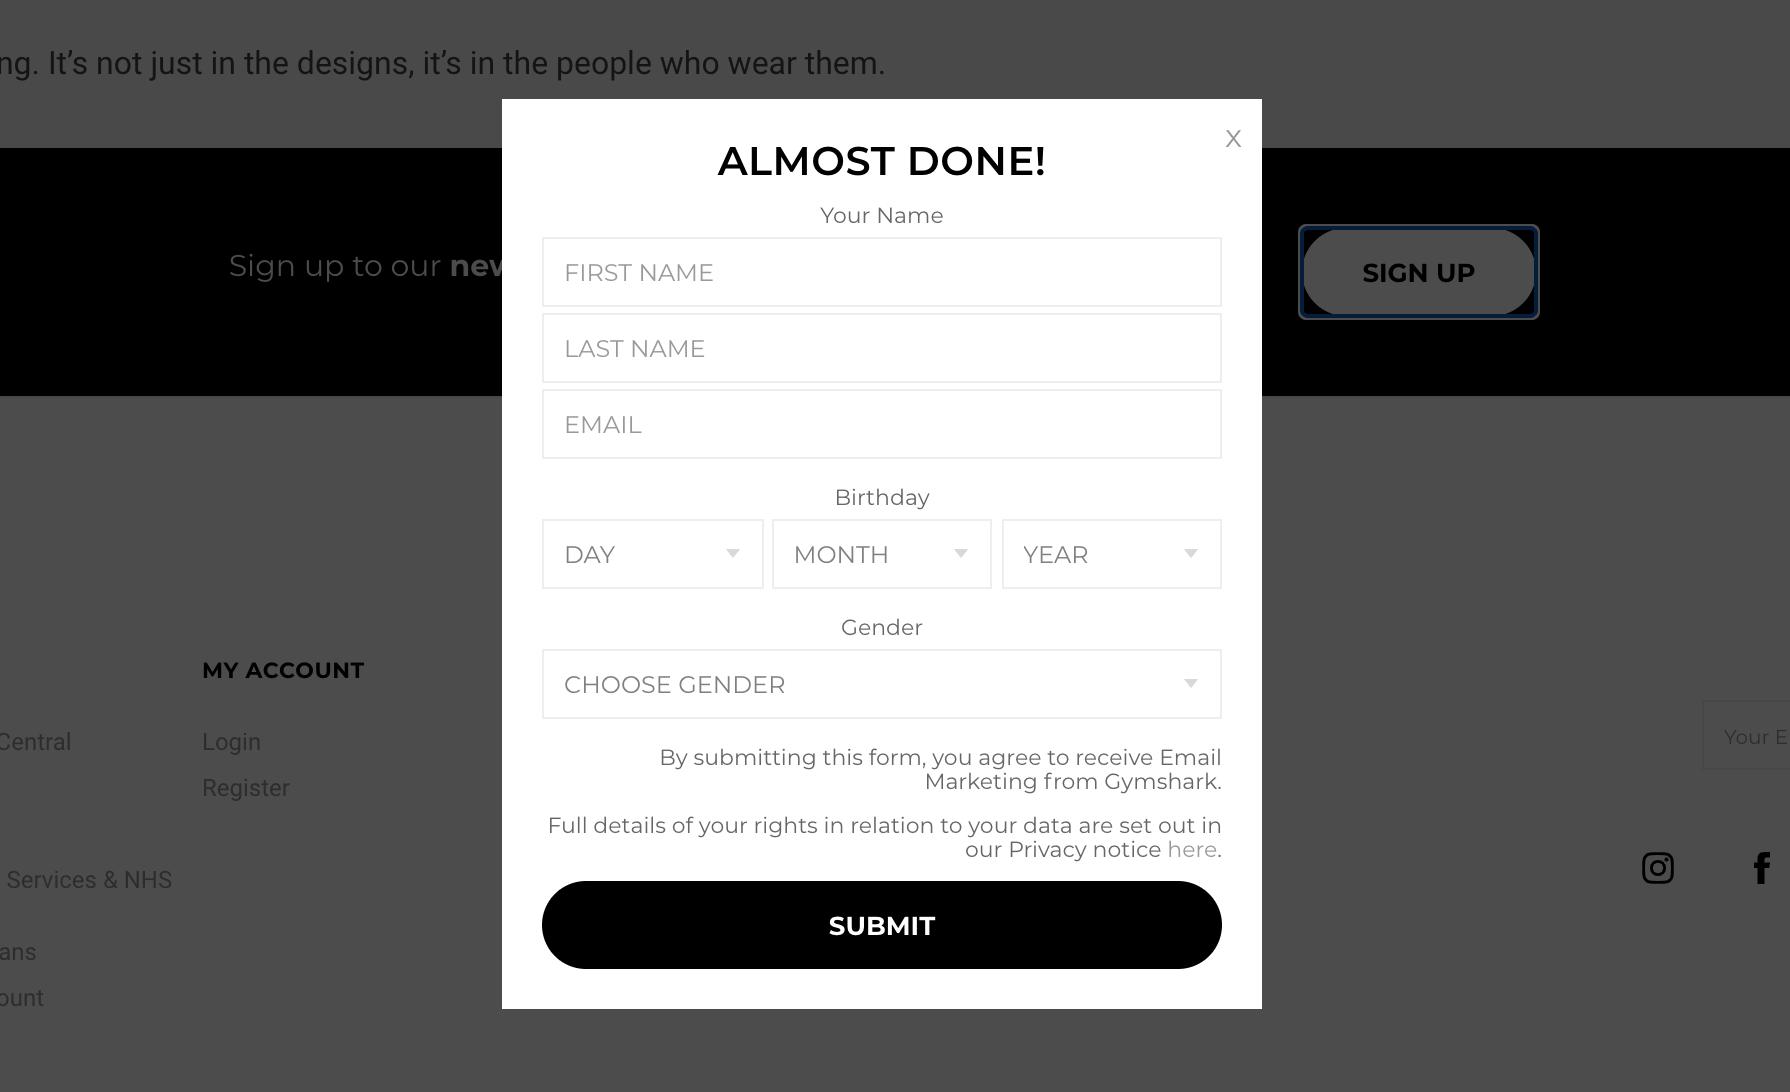 Gymshark's Sign-Up Form